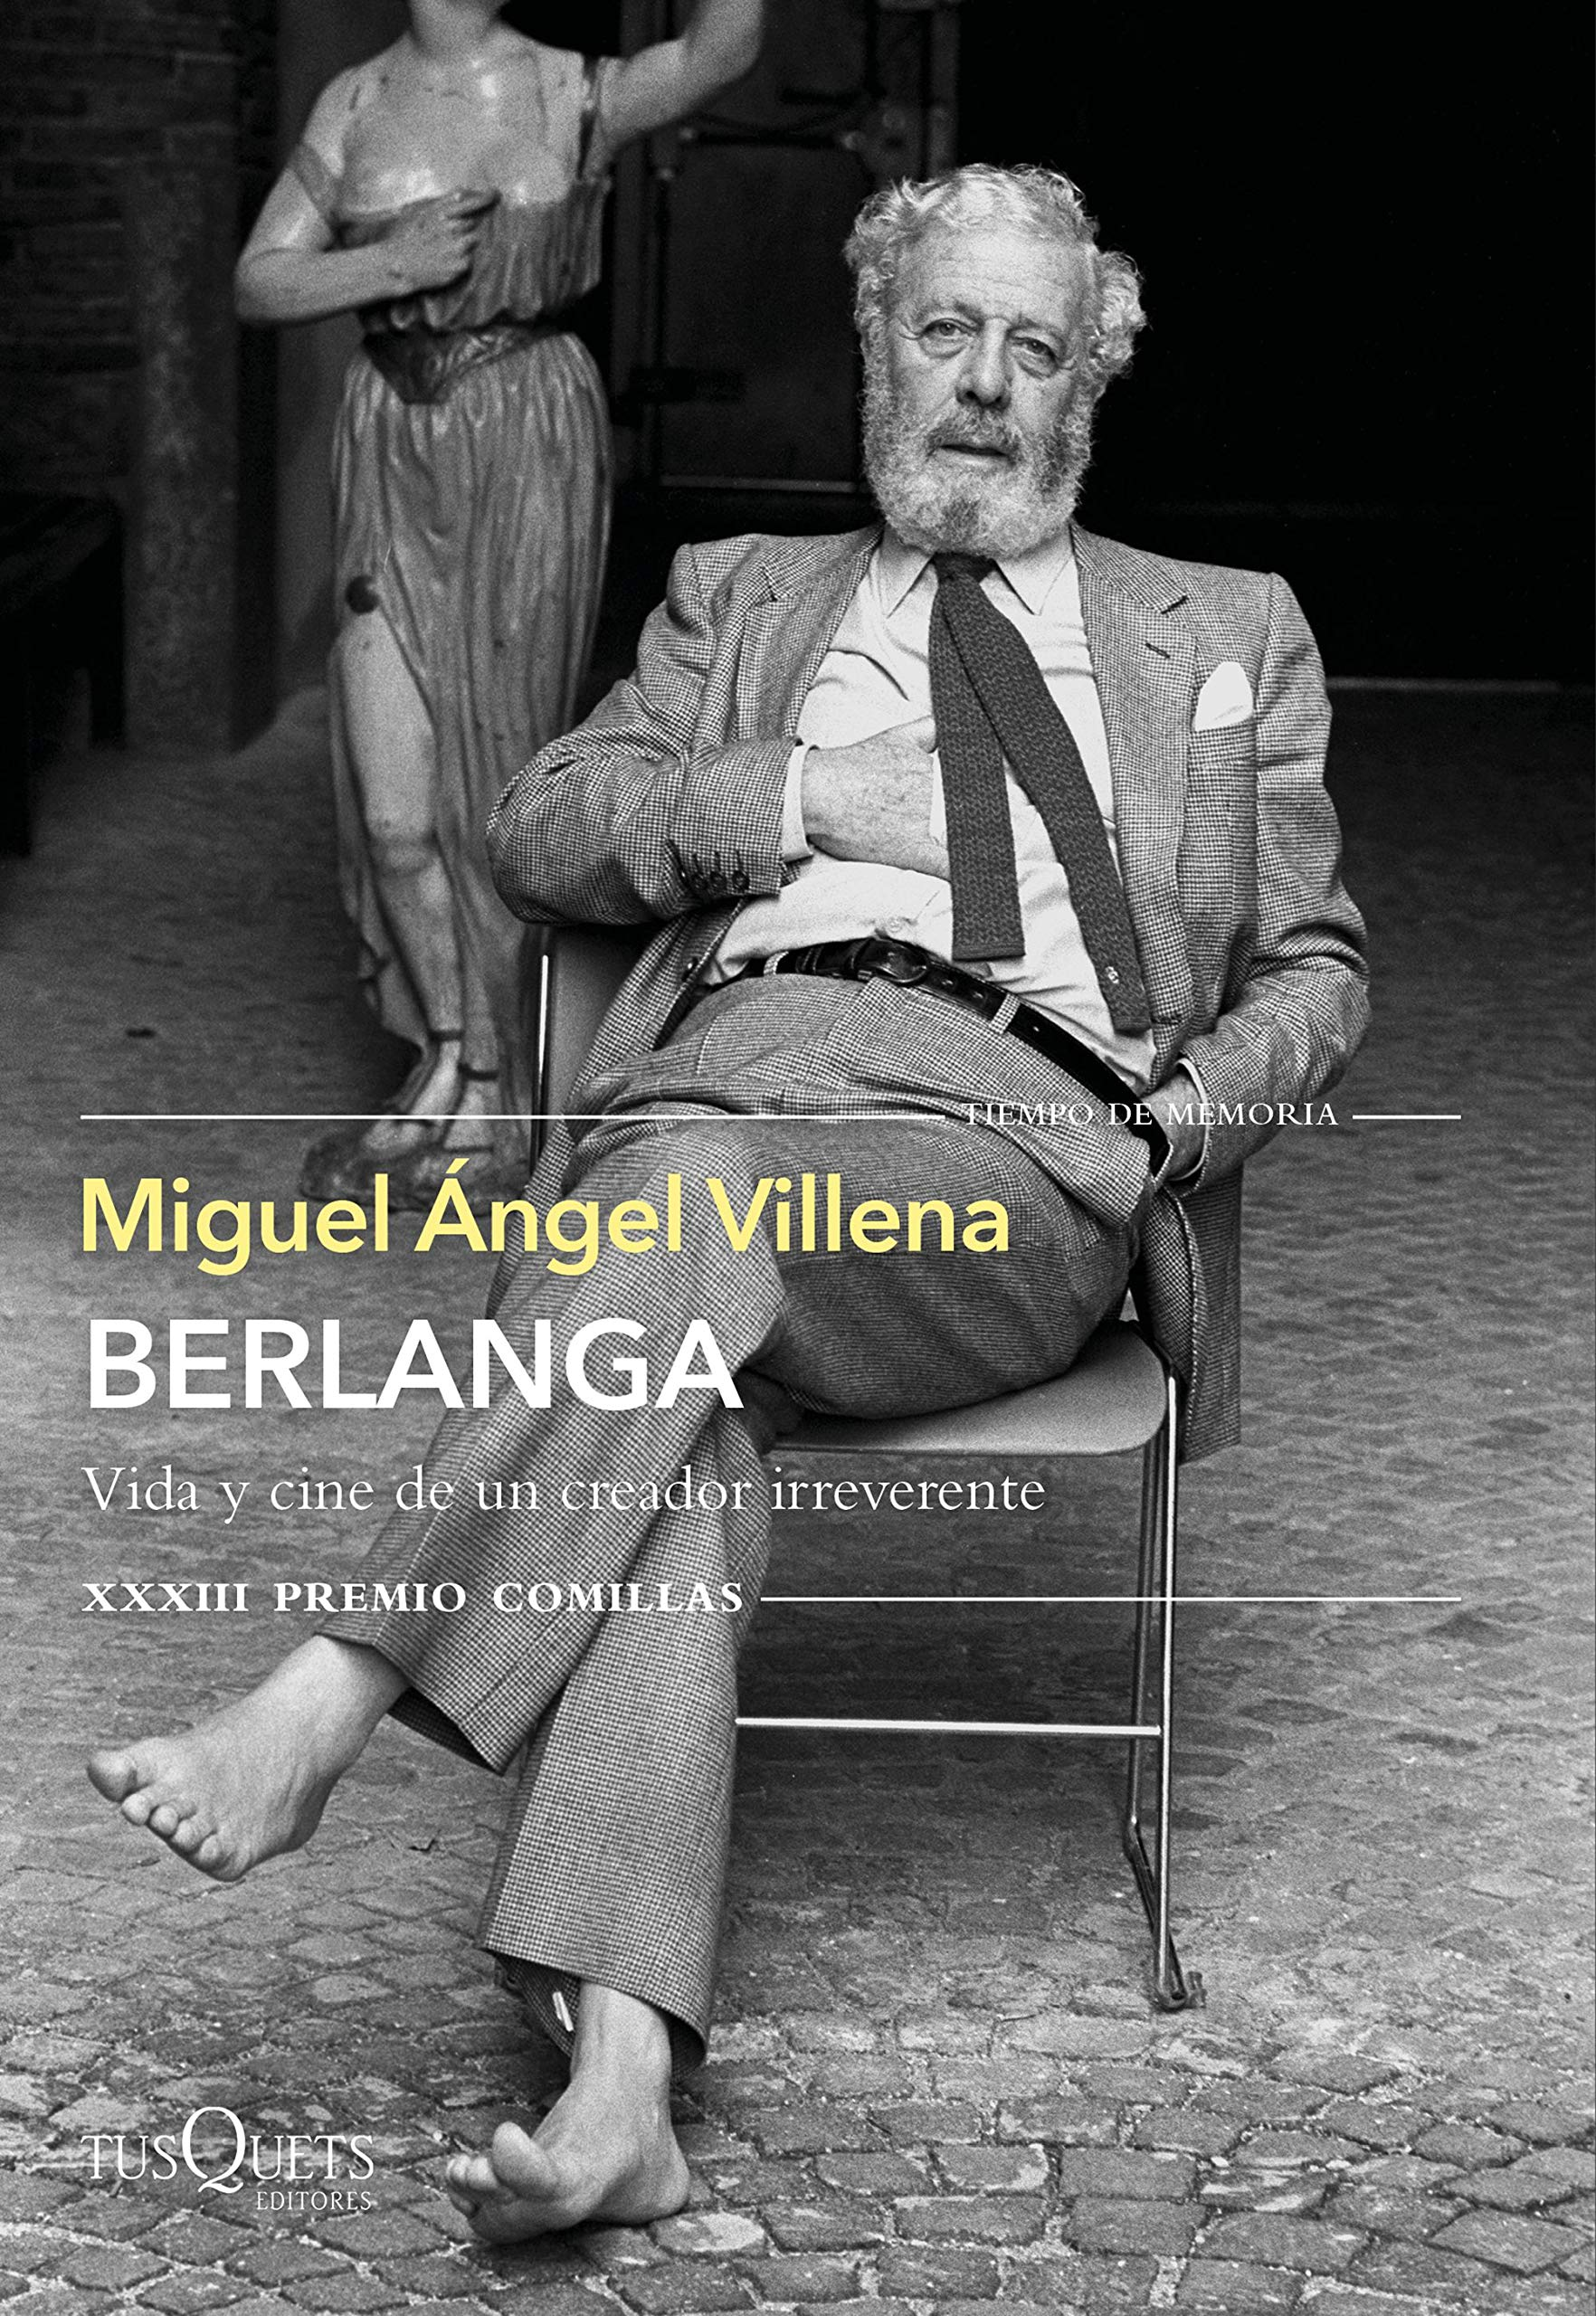 Imatge de la portada del llibre Berlanga